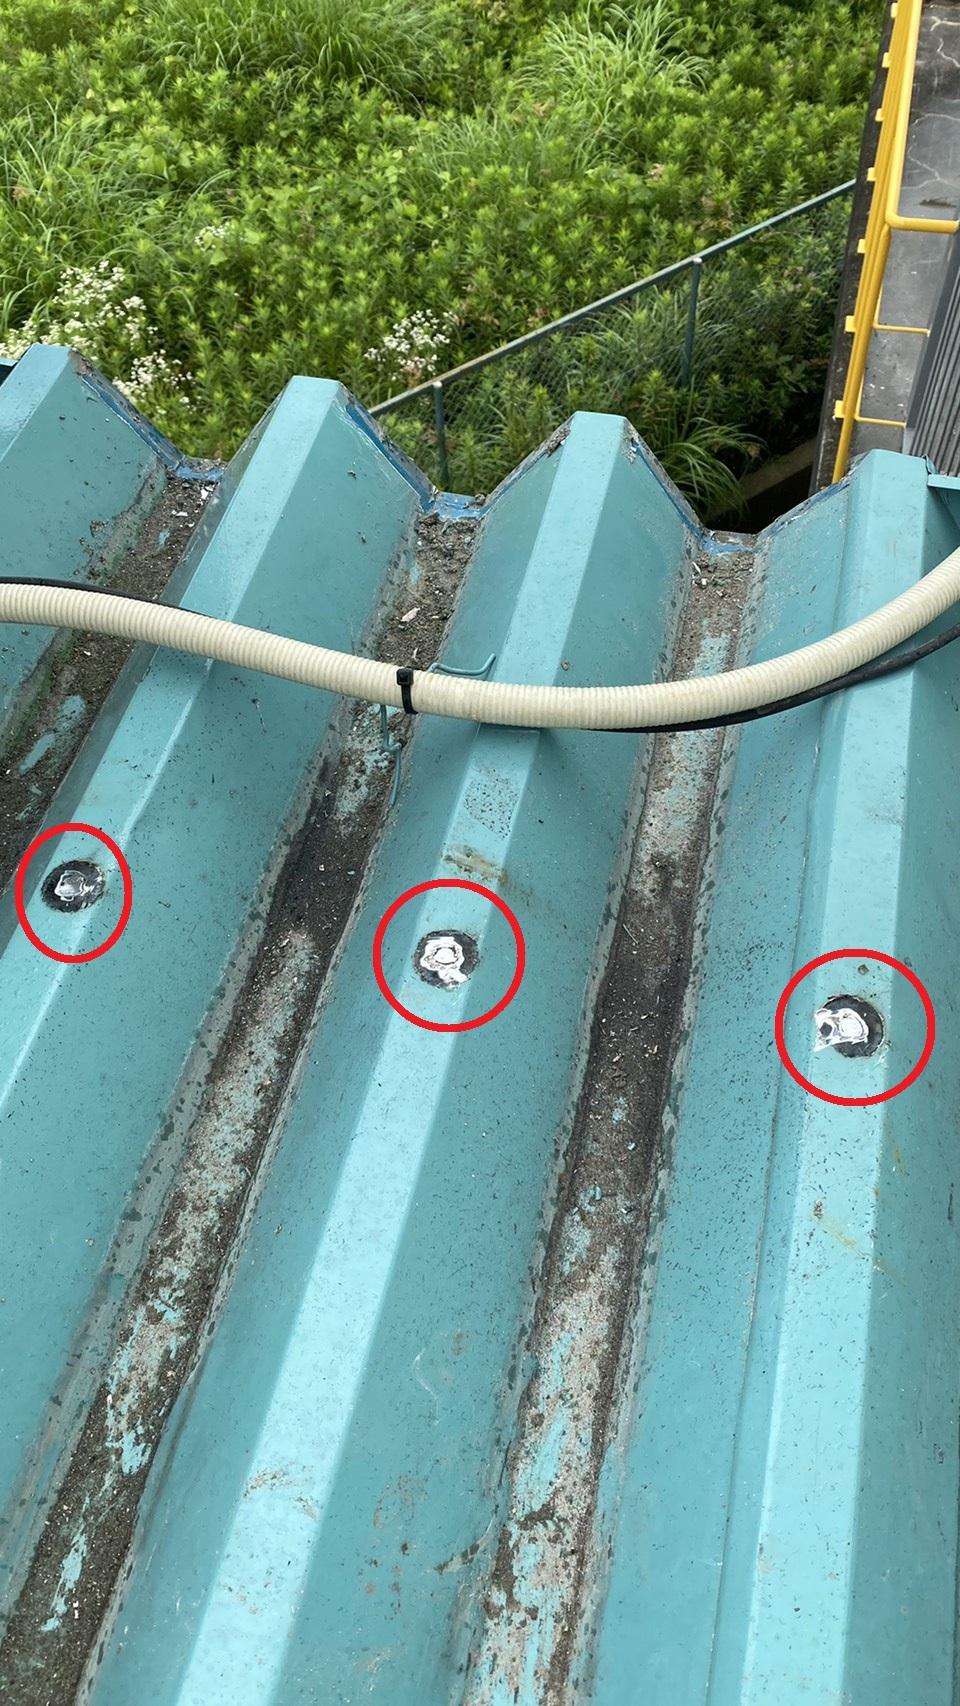 折板屋根の固定ボルトを切断した様子